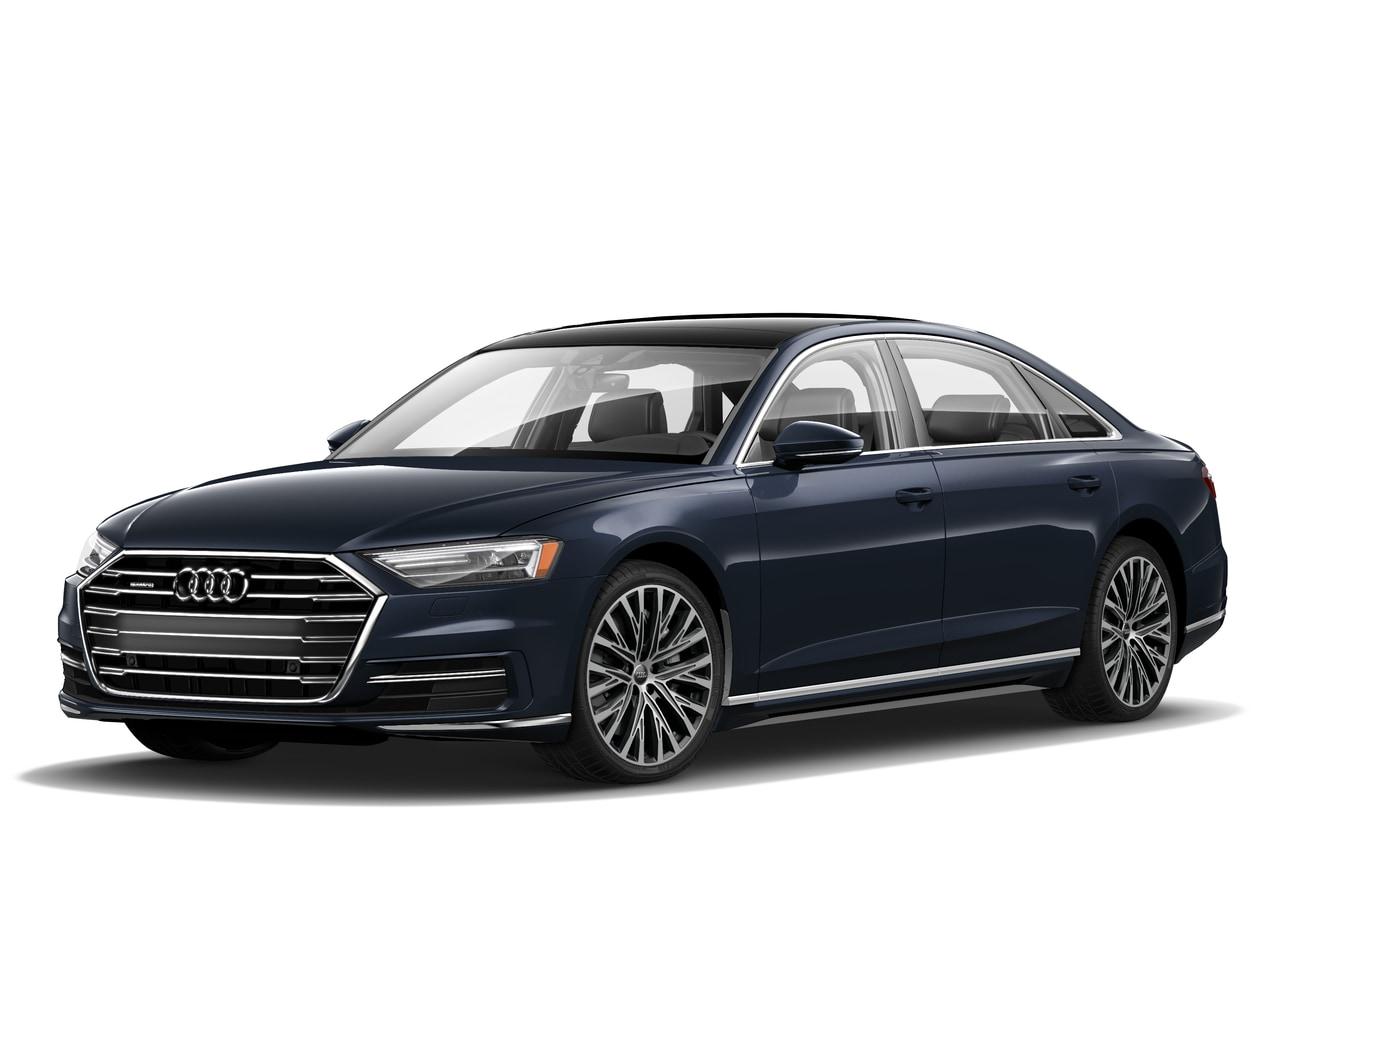 2019 Audi A8 3.0T Sedan